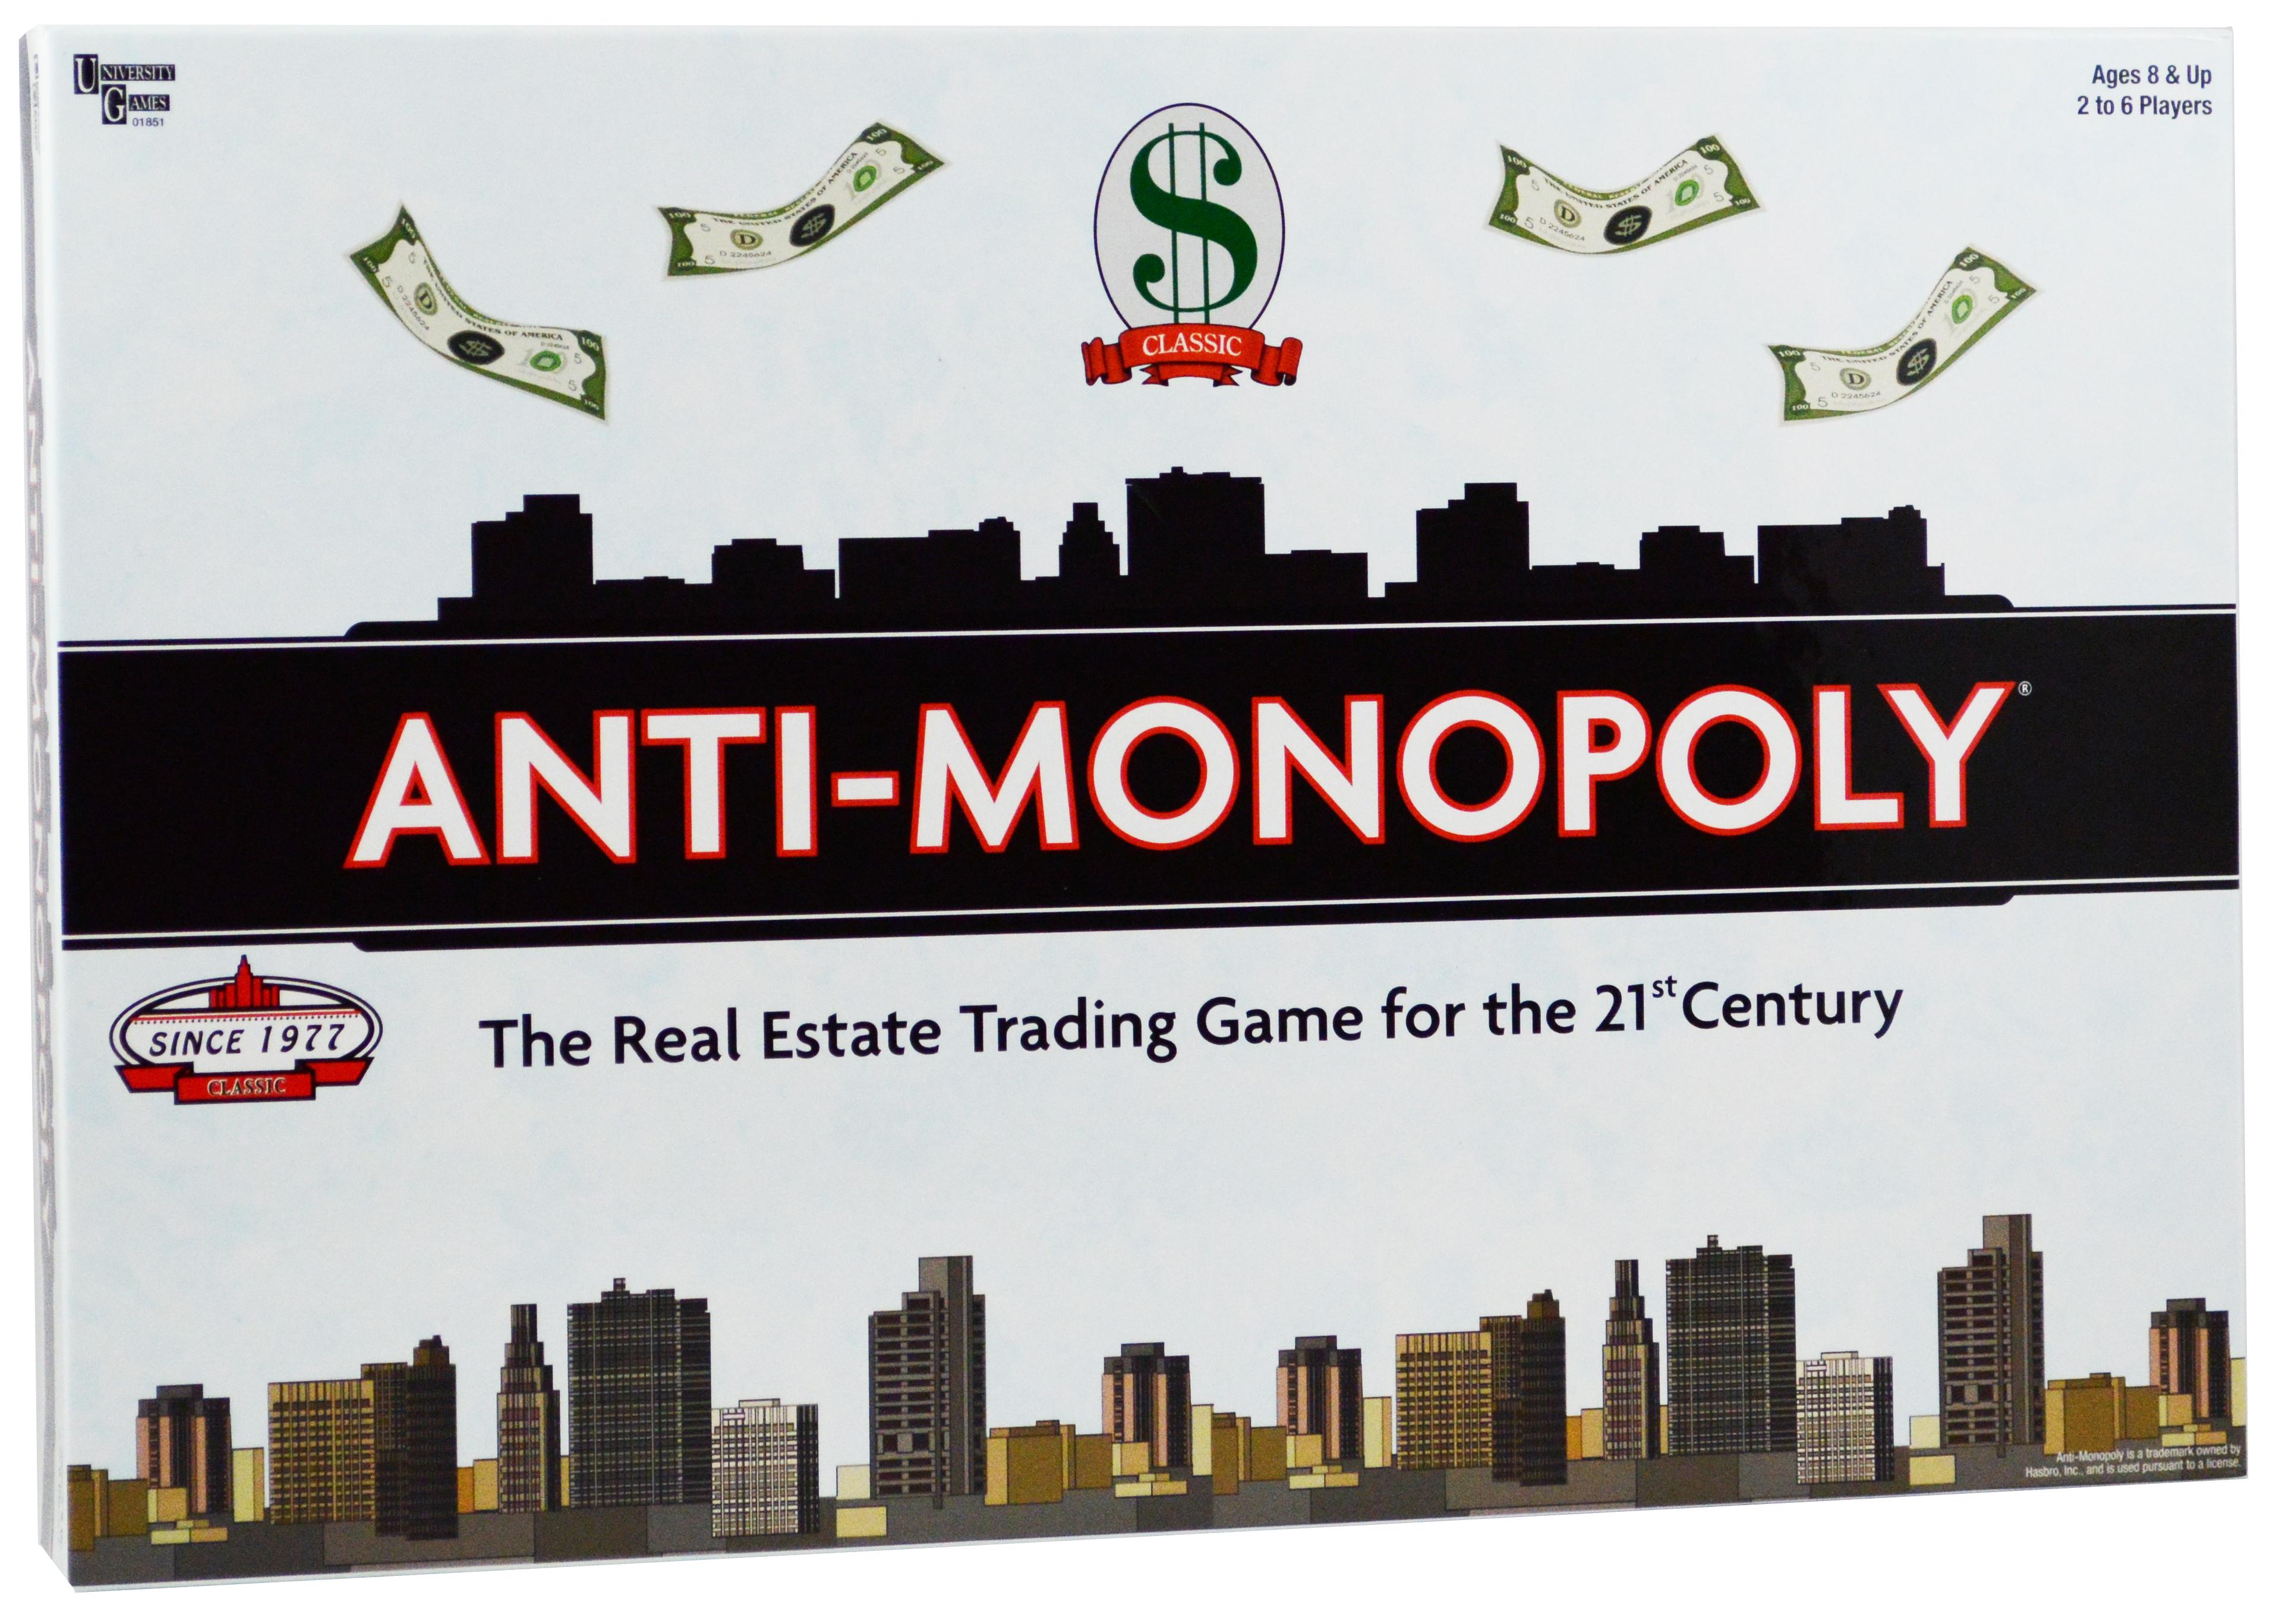 01851_AntiMonopoly